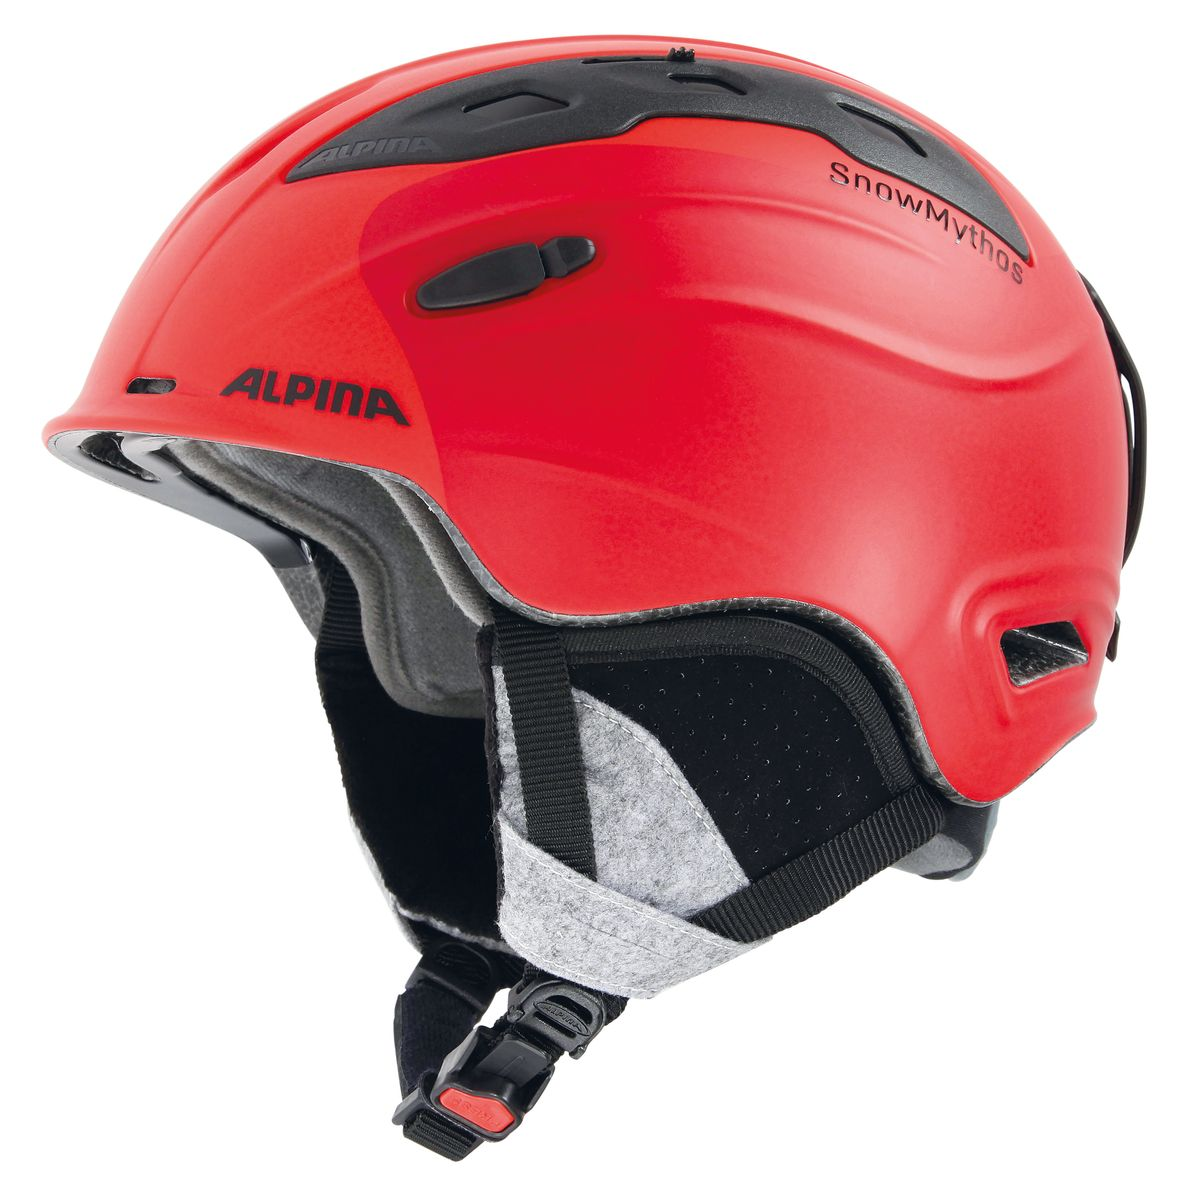 Шлем зимний Alpina Snowmythos, цвет: зеленый. Размер 55-59Karjala Comfort NNNЭкстремально легкая модель шлема Alpina Snowmythos с прекрасными защитными свойствами. Для тех, ищет недорогую модель с клеймом «Сделано в Германии». Технологии:INMOLD TEC - технология соединения внутренней и внешней части шлема при помощи высокой температуры. Данный метод делает соединение исключительно прочным, а сам шлем легким. Такой метод соединения гораздо надежнее и безопаснее обычного склеивания. CERAMIC - особая технология производства внешней оболочки шлема. Используются легковесные материалы экстремально прочные и устойчивые к царапинам. Возможно использование при сильном УФ изучении, так же поверхность имеет антистатическое покрытие. RUN SYSTEM - простая система настройки шлема, позволяющая добиться надежной фиксации. AIRSTREAM CONTROL - регулируемые воздушные клапана для полного контроля внутренней вентиляции. REMOVABLE EARPADS - съемные амбушюры добавляют чувства свободы во время катания в теплую погоду, не в ущерб безопасности. При падении температуры, амбушюры легко устанавливаются обратно на шлем.CHANGEABLE INTERIOR - съемная внутренняя часть. Допускается стирка в теплой мыльной воде. NECKWARMER - дополнительное утепление шеи. Изготовлено из мягкого флиса. 3D FIT - ремень, позволяющий регулироваться затылочную часть шлема. Пять позиций позволят настроить идеальную посадку.